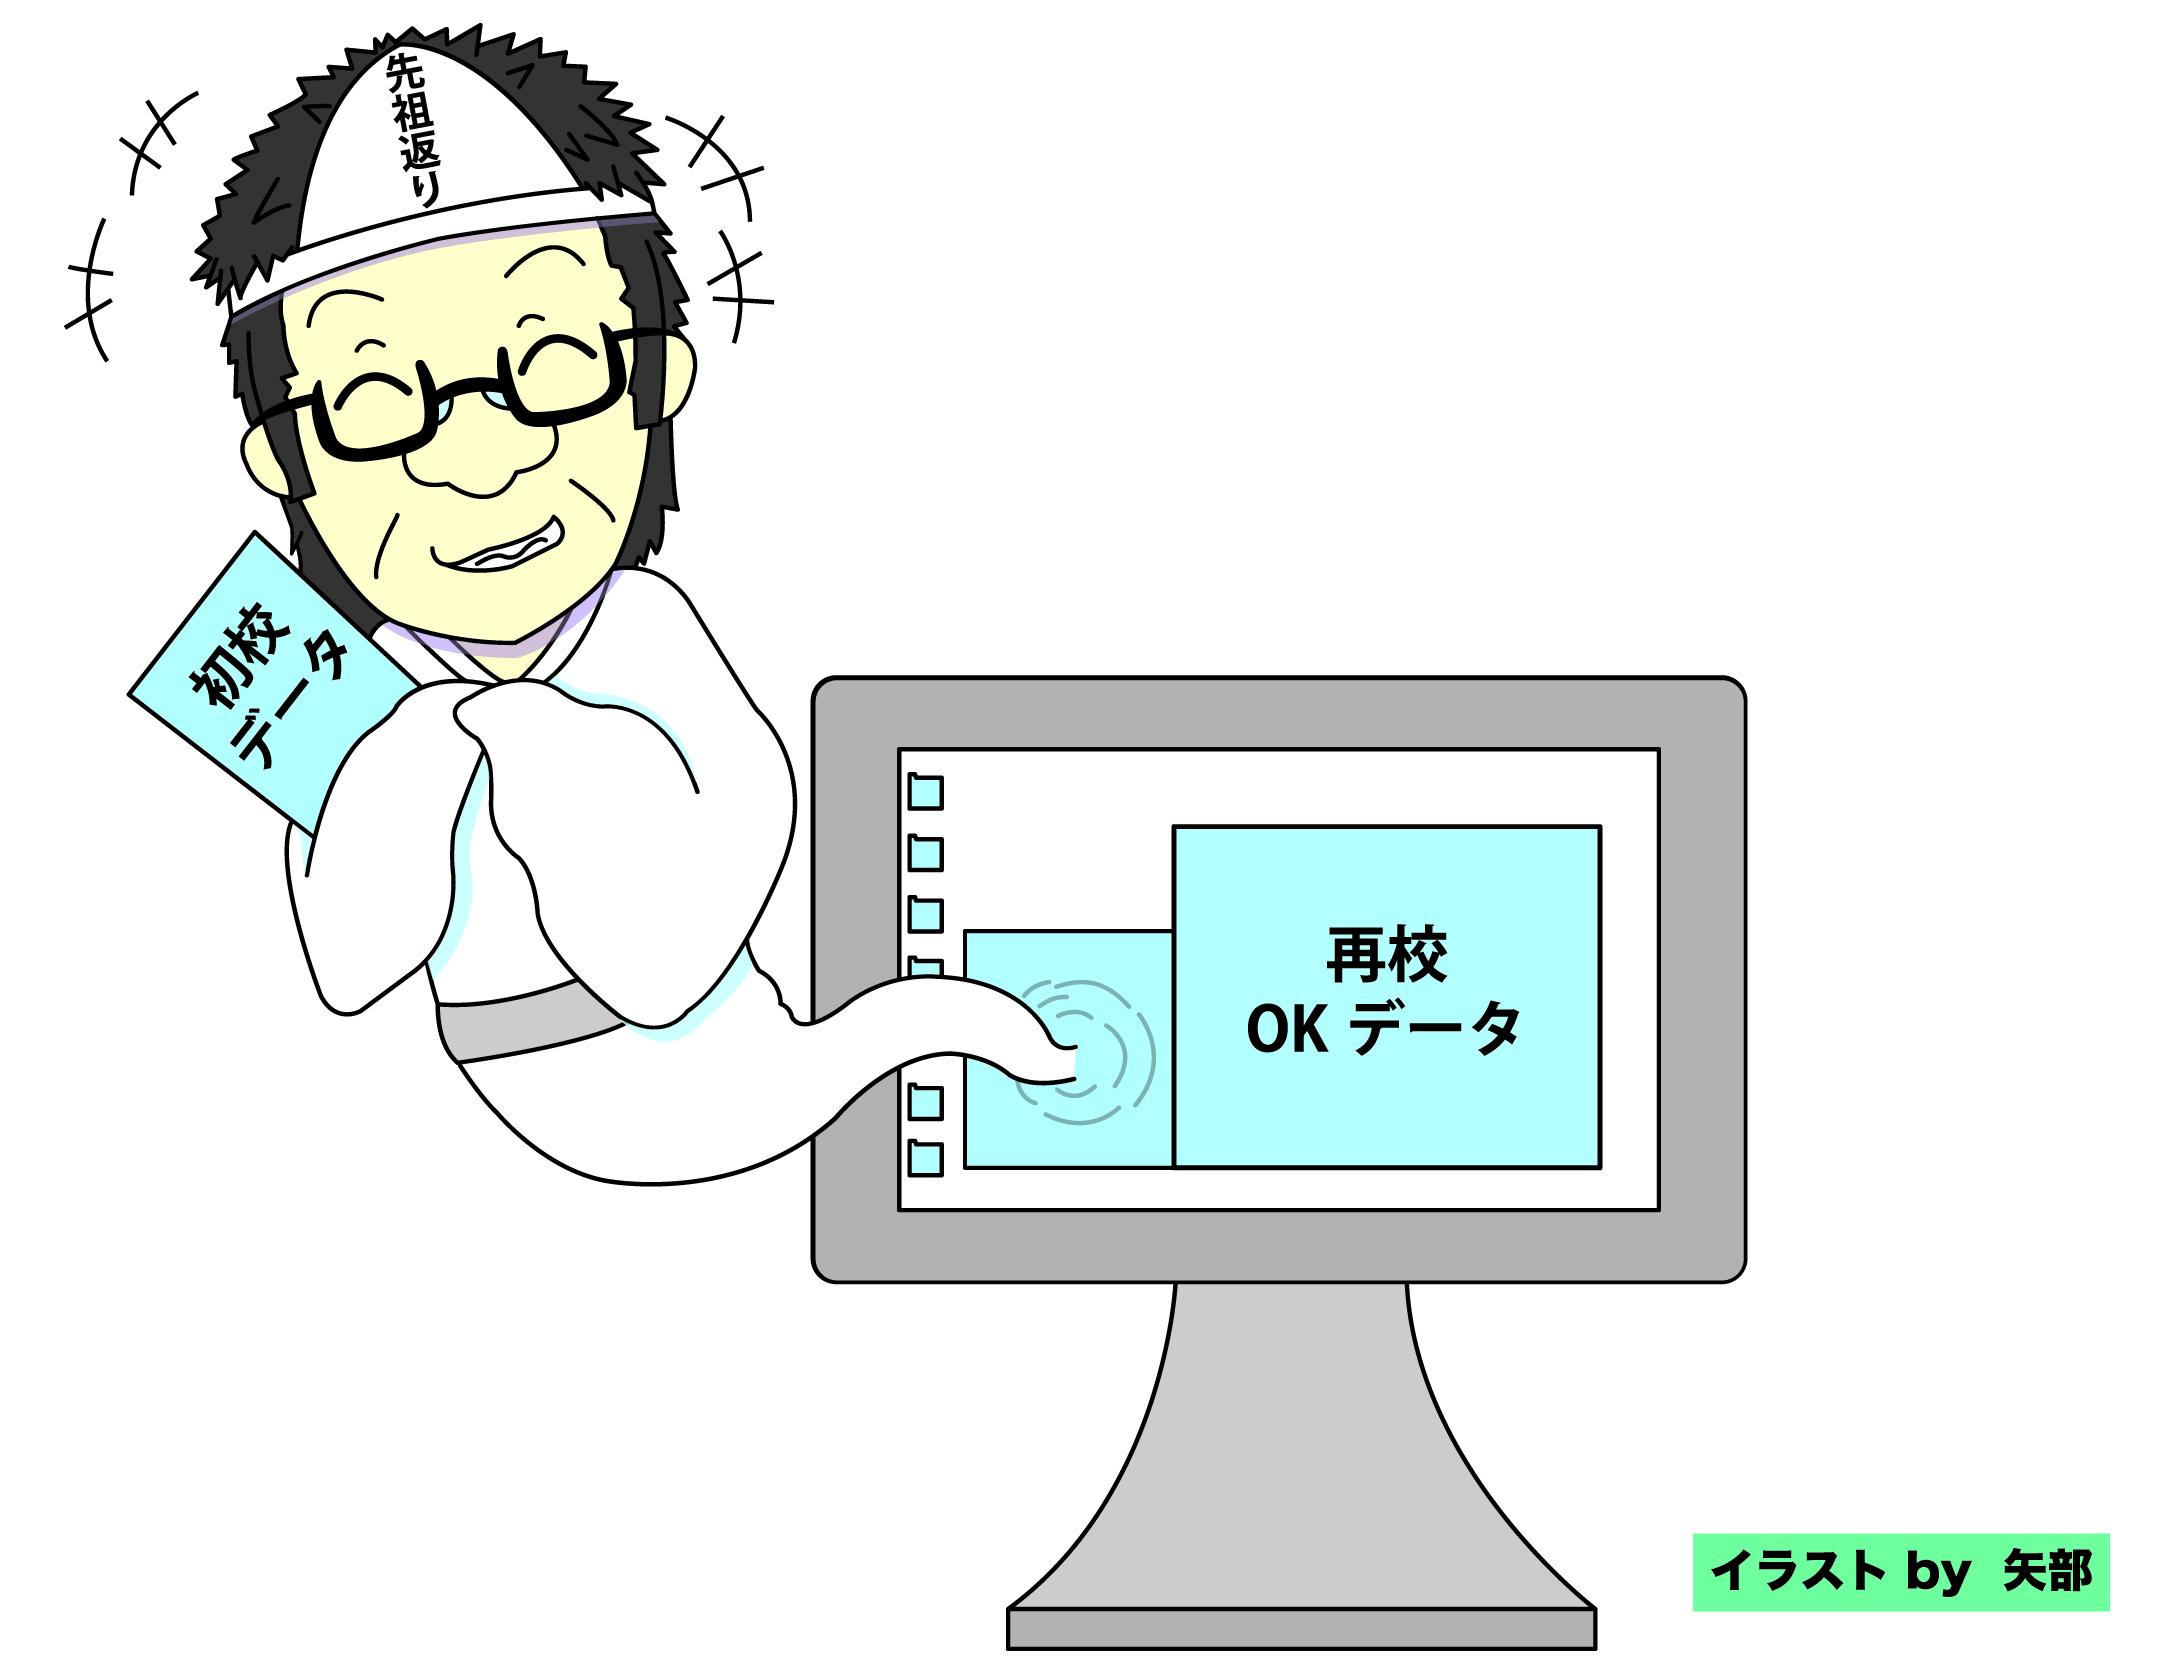 サーバ? 自前ですよ! vol.4 ~先祖返り・前編~ iStome2(アイストーム)ブログ